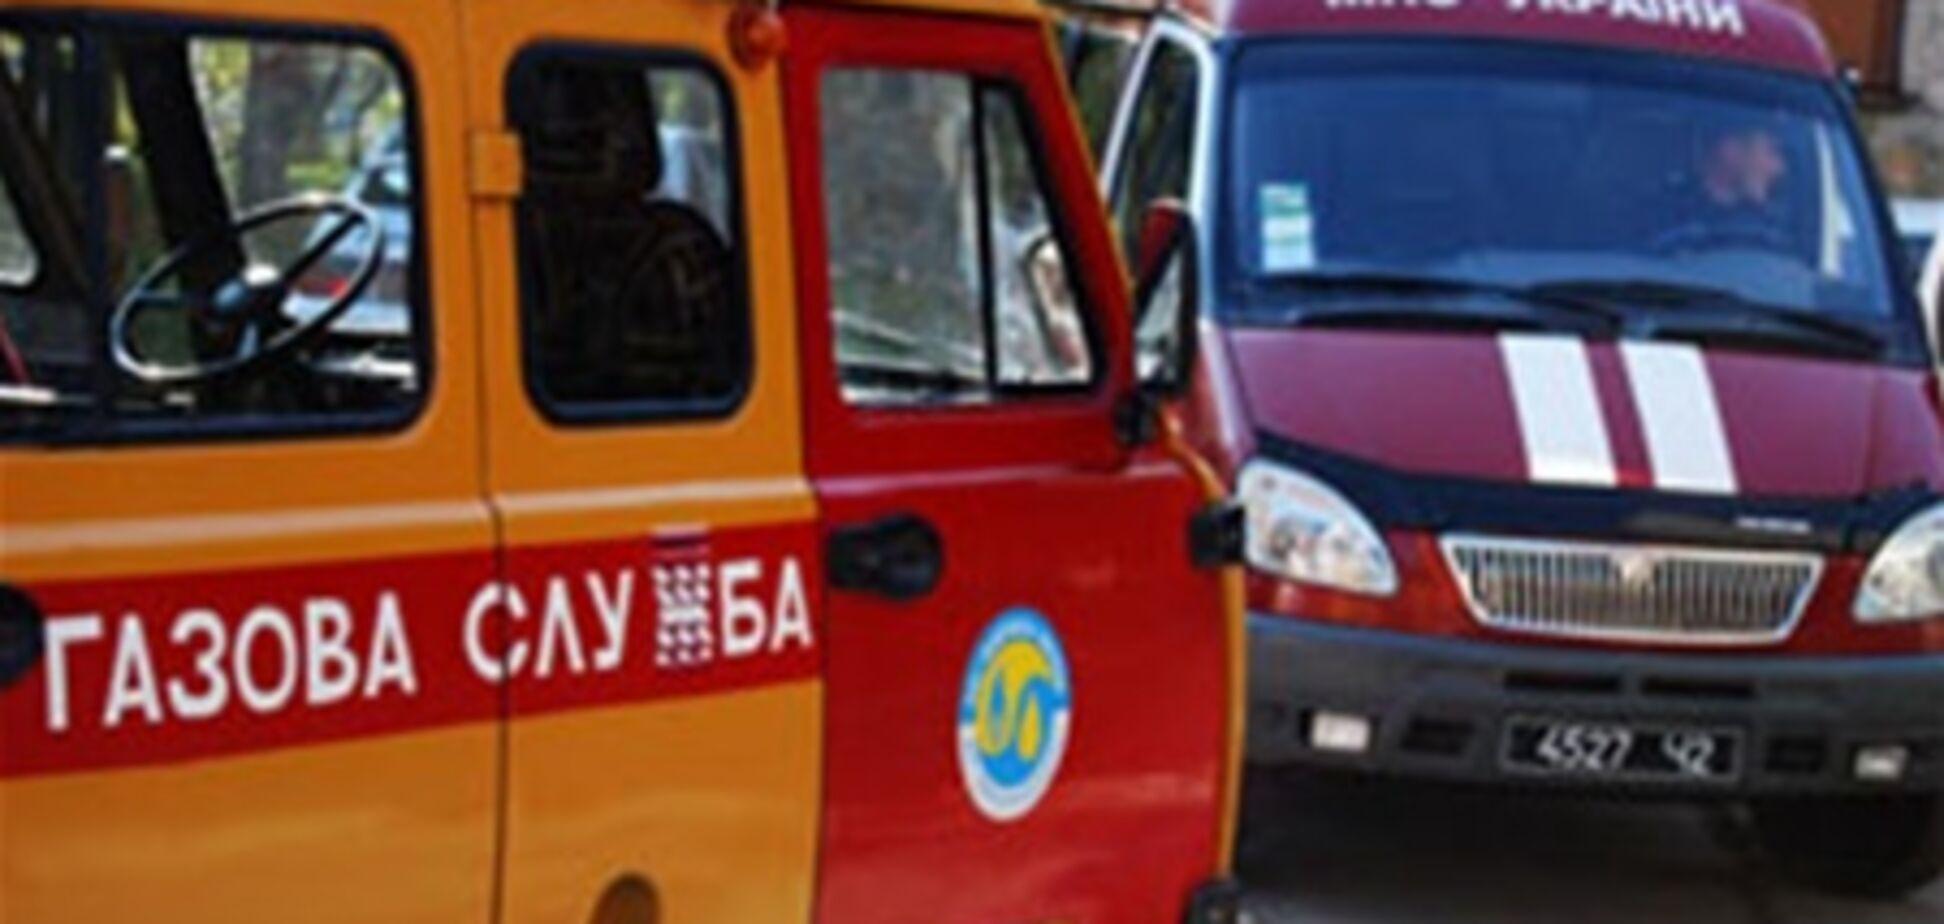 Четверо мешканців Івано-Франківська отруїлися чадним газом, серед них - дитина